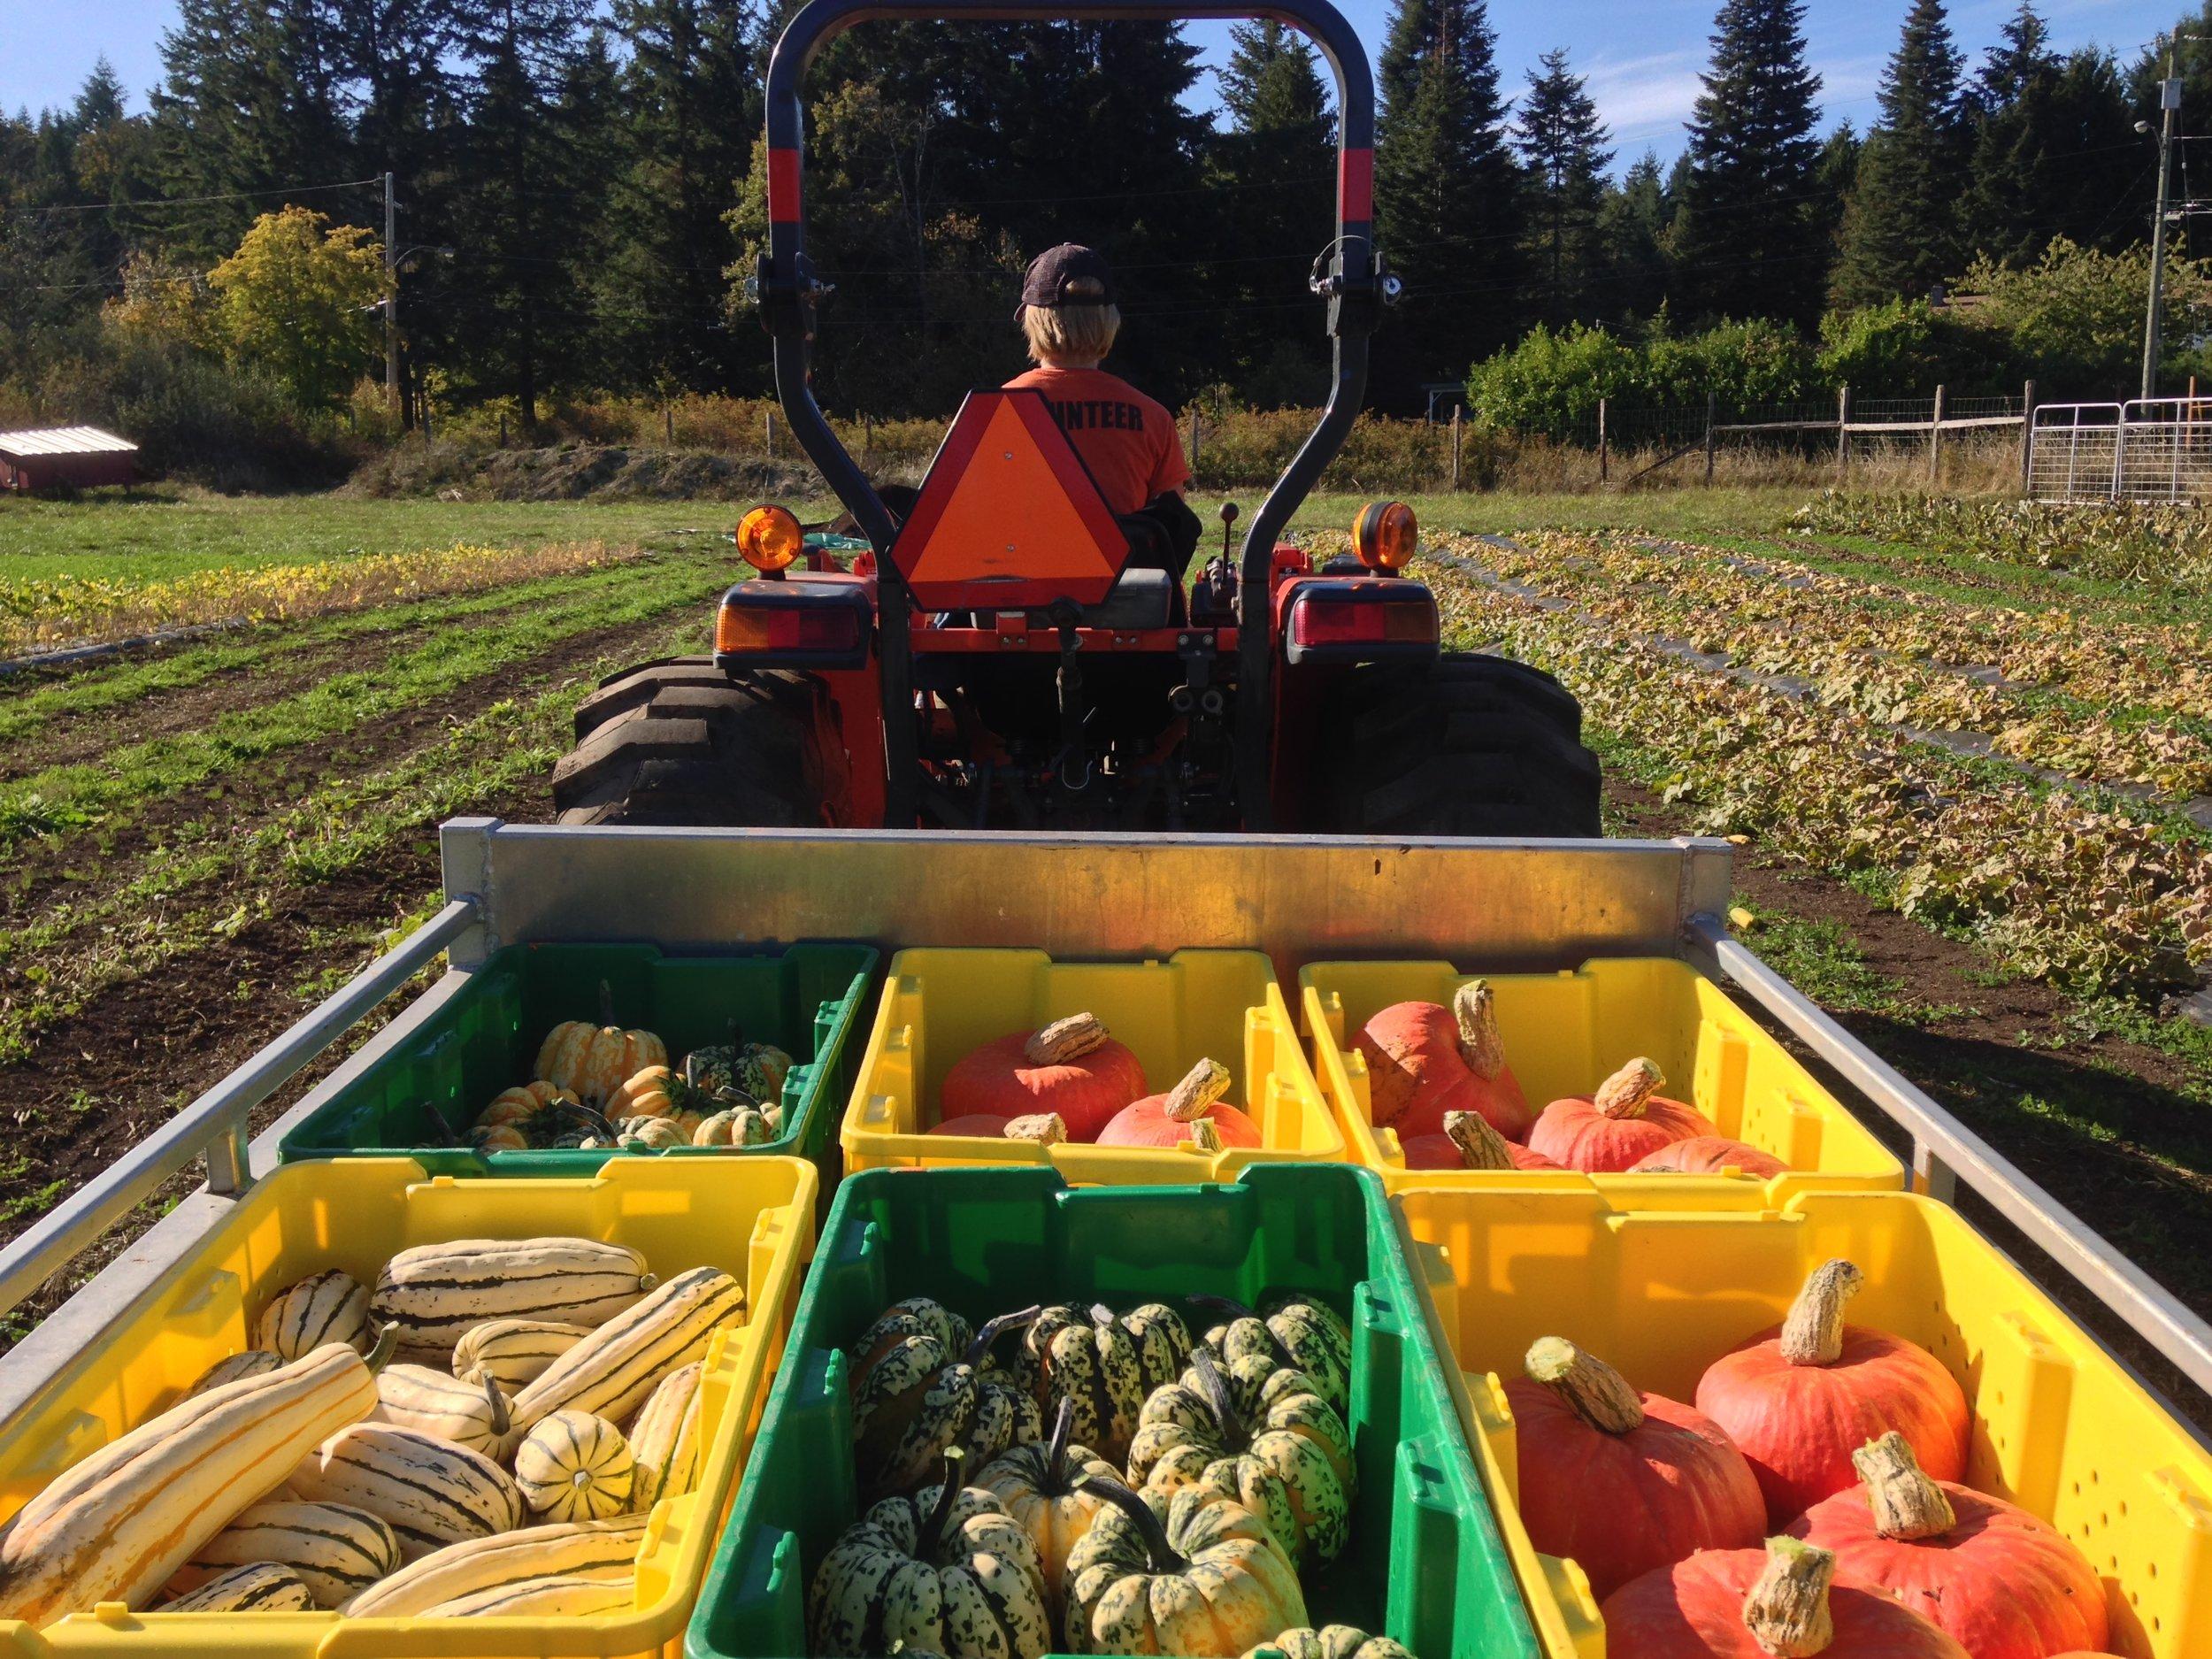 Squash harvest